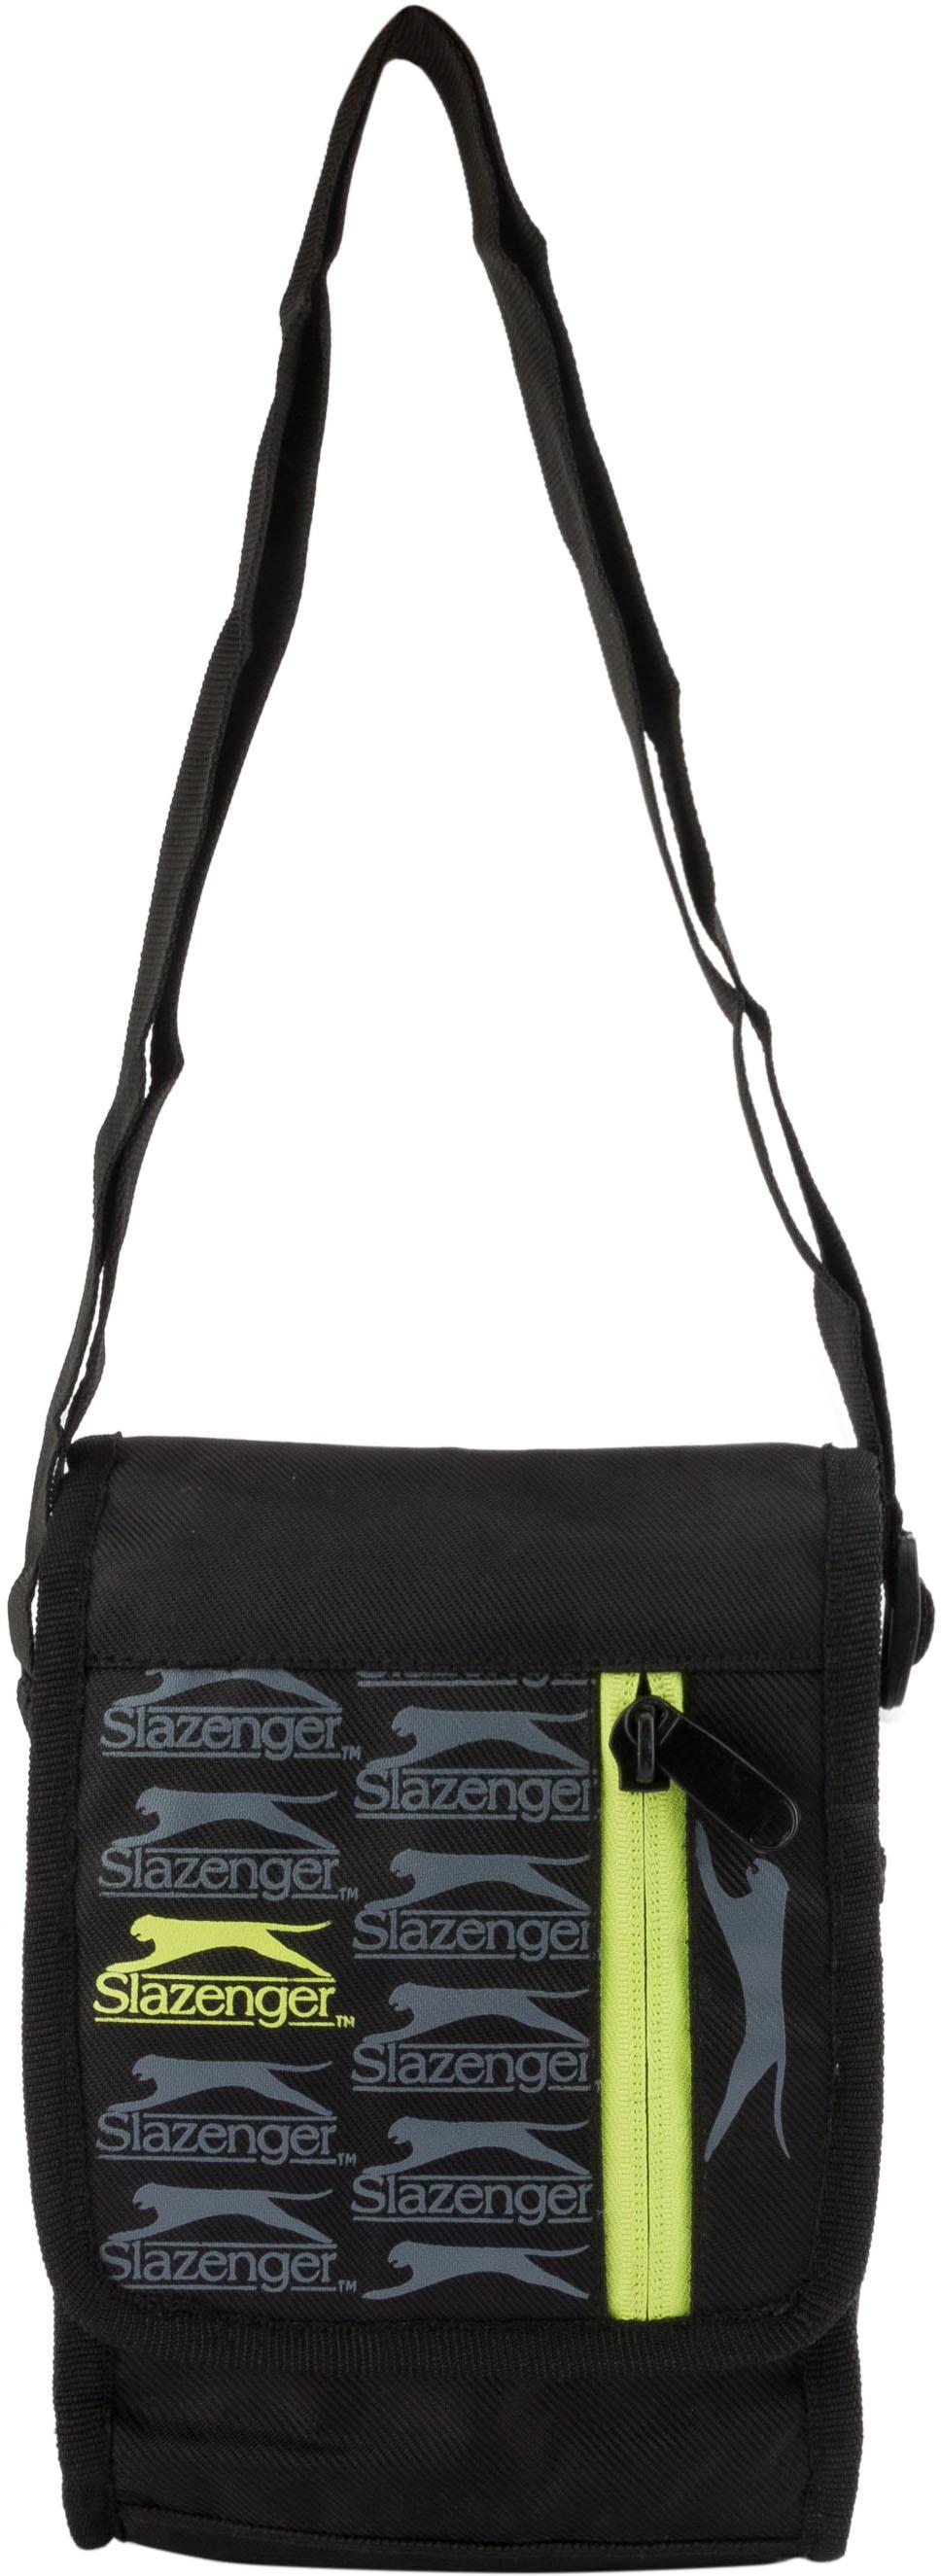 Sling bag below 500 - Slazenger Men Women Black Green Polyester Sling Bag